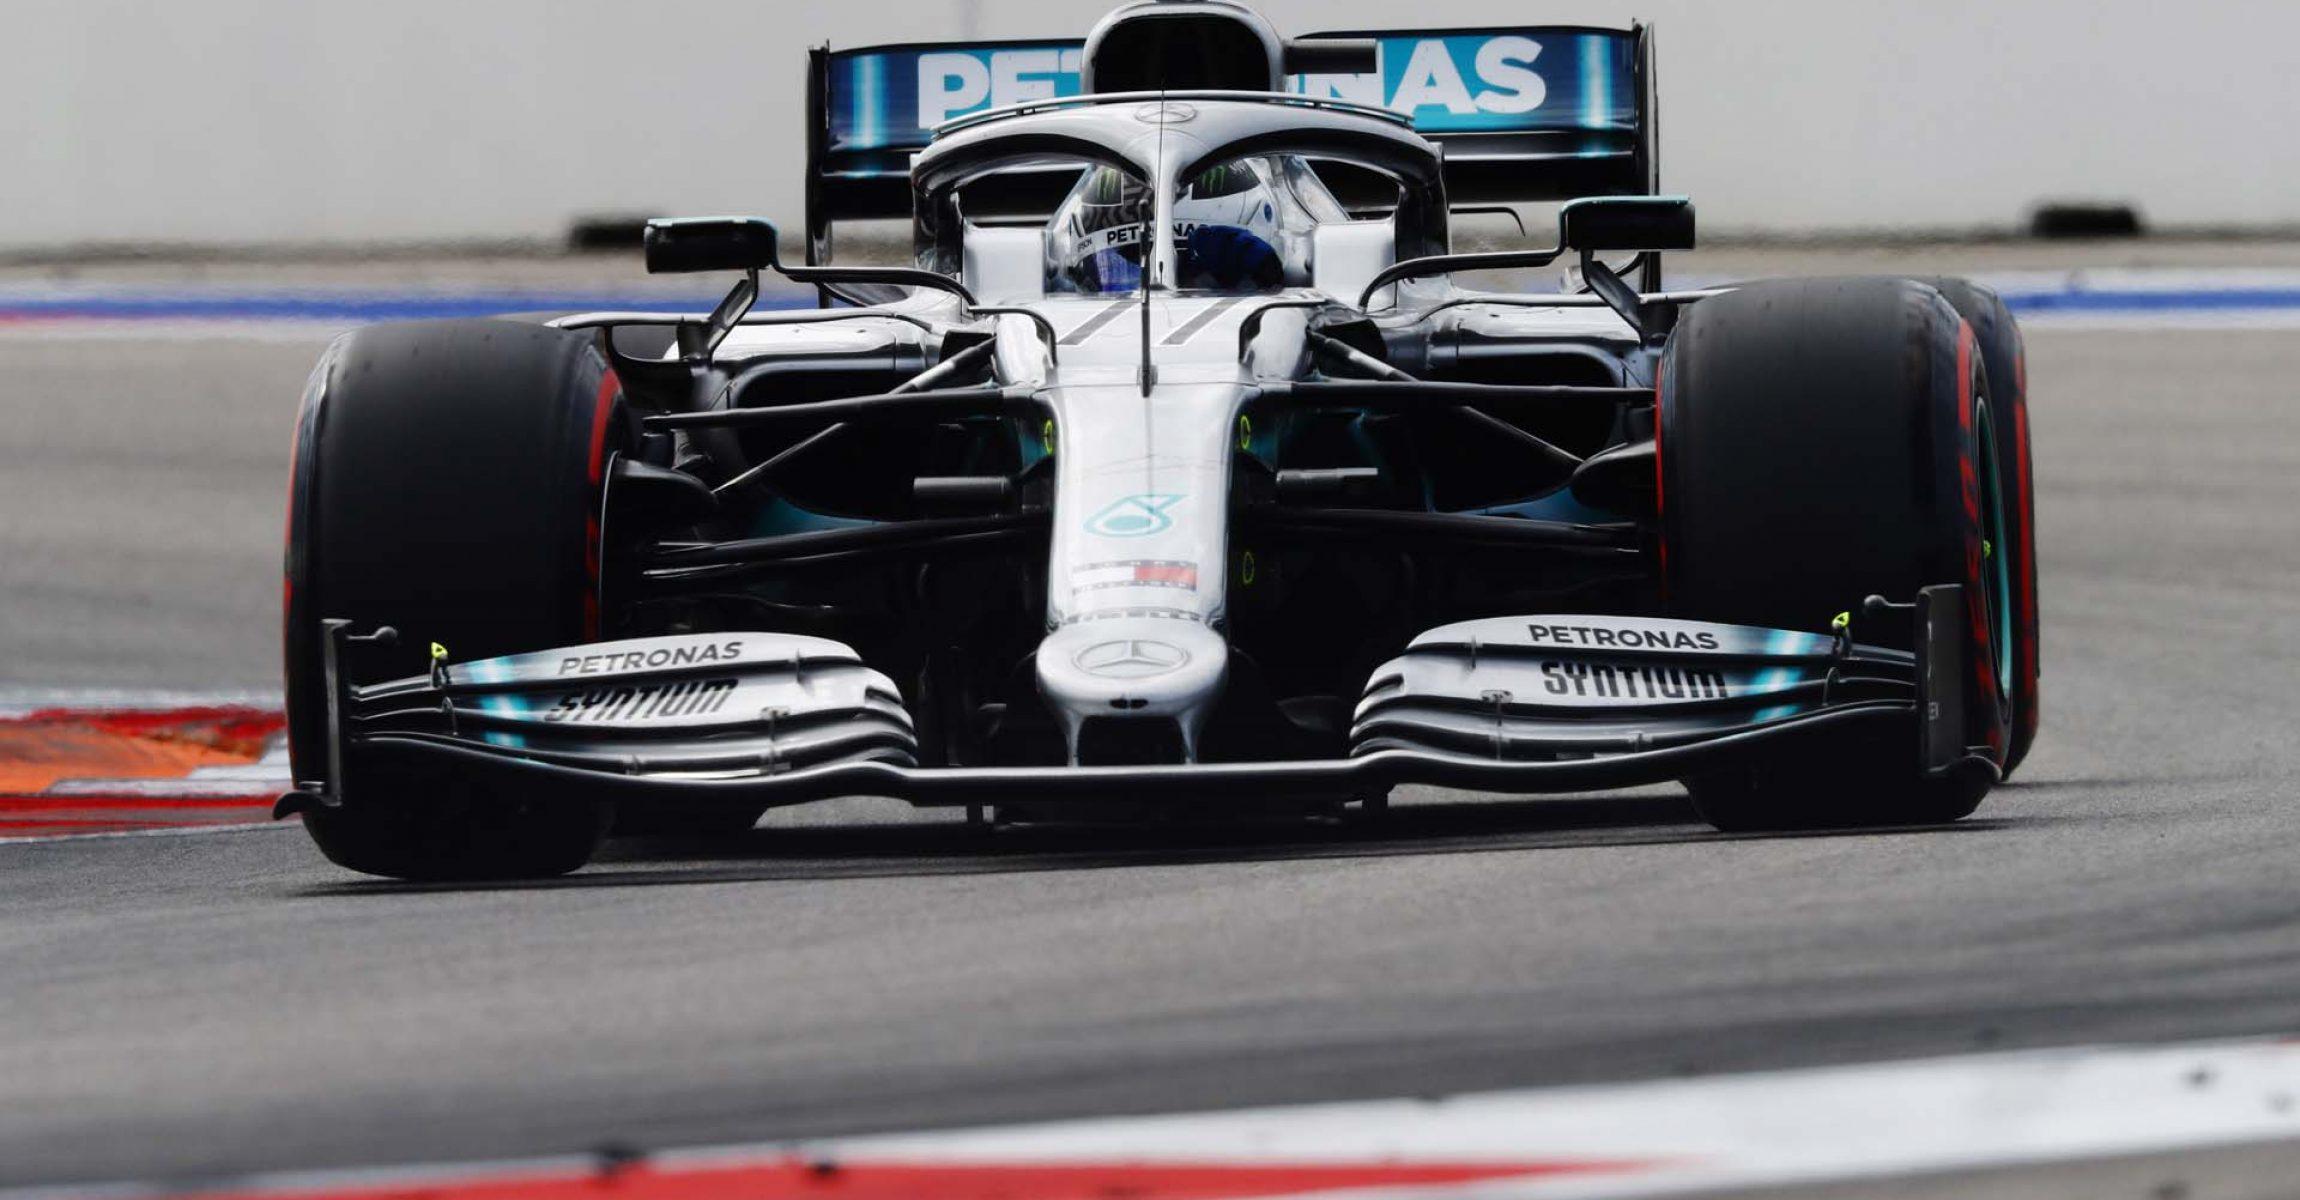 2019 Russian Grand Prix, Saturday - LAT Images Valtteri Bottas Mercedes